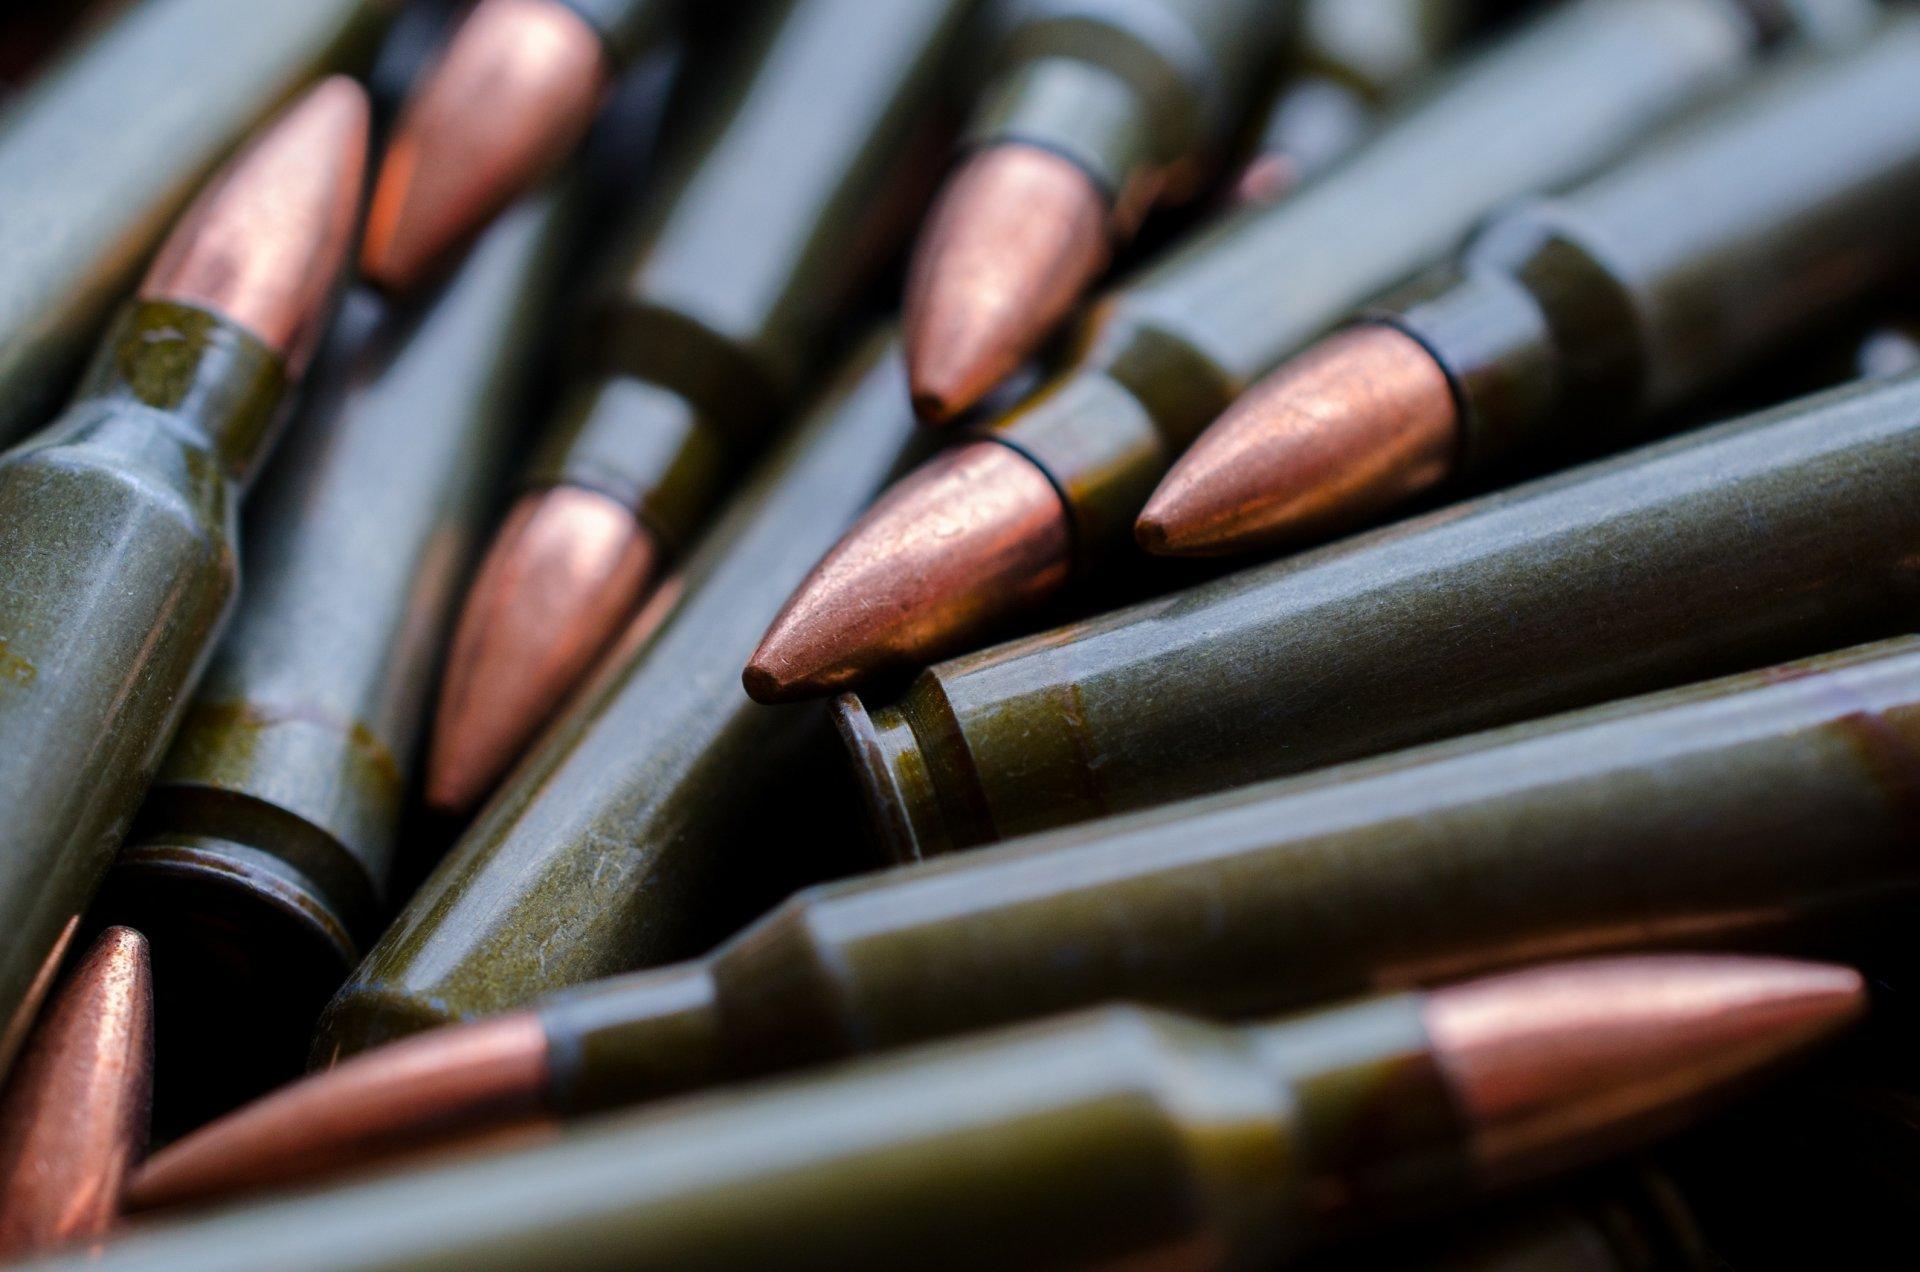 Картинка с пулями будто других